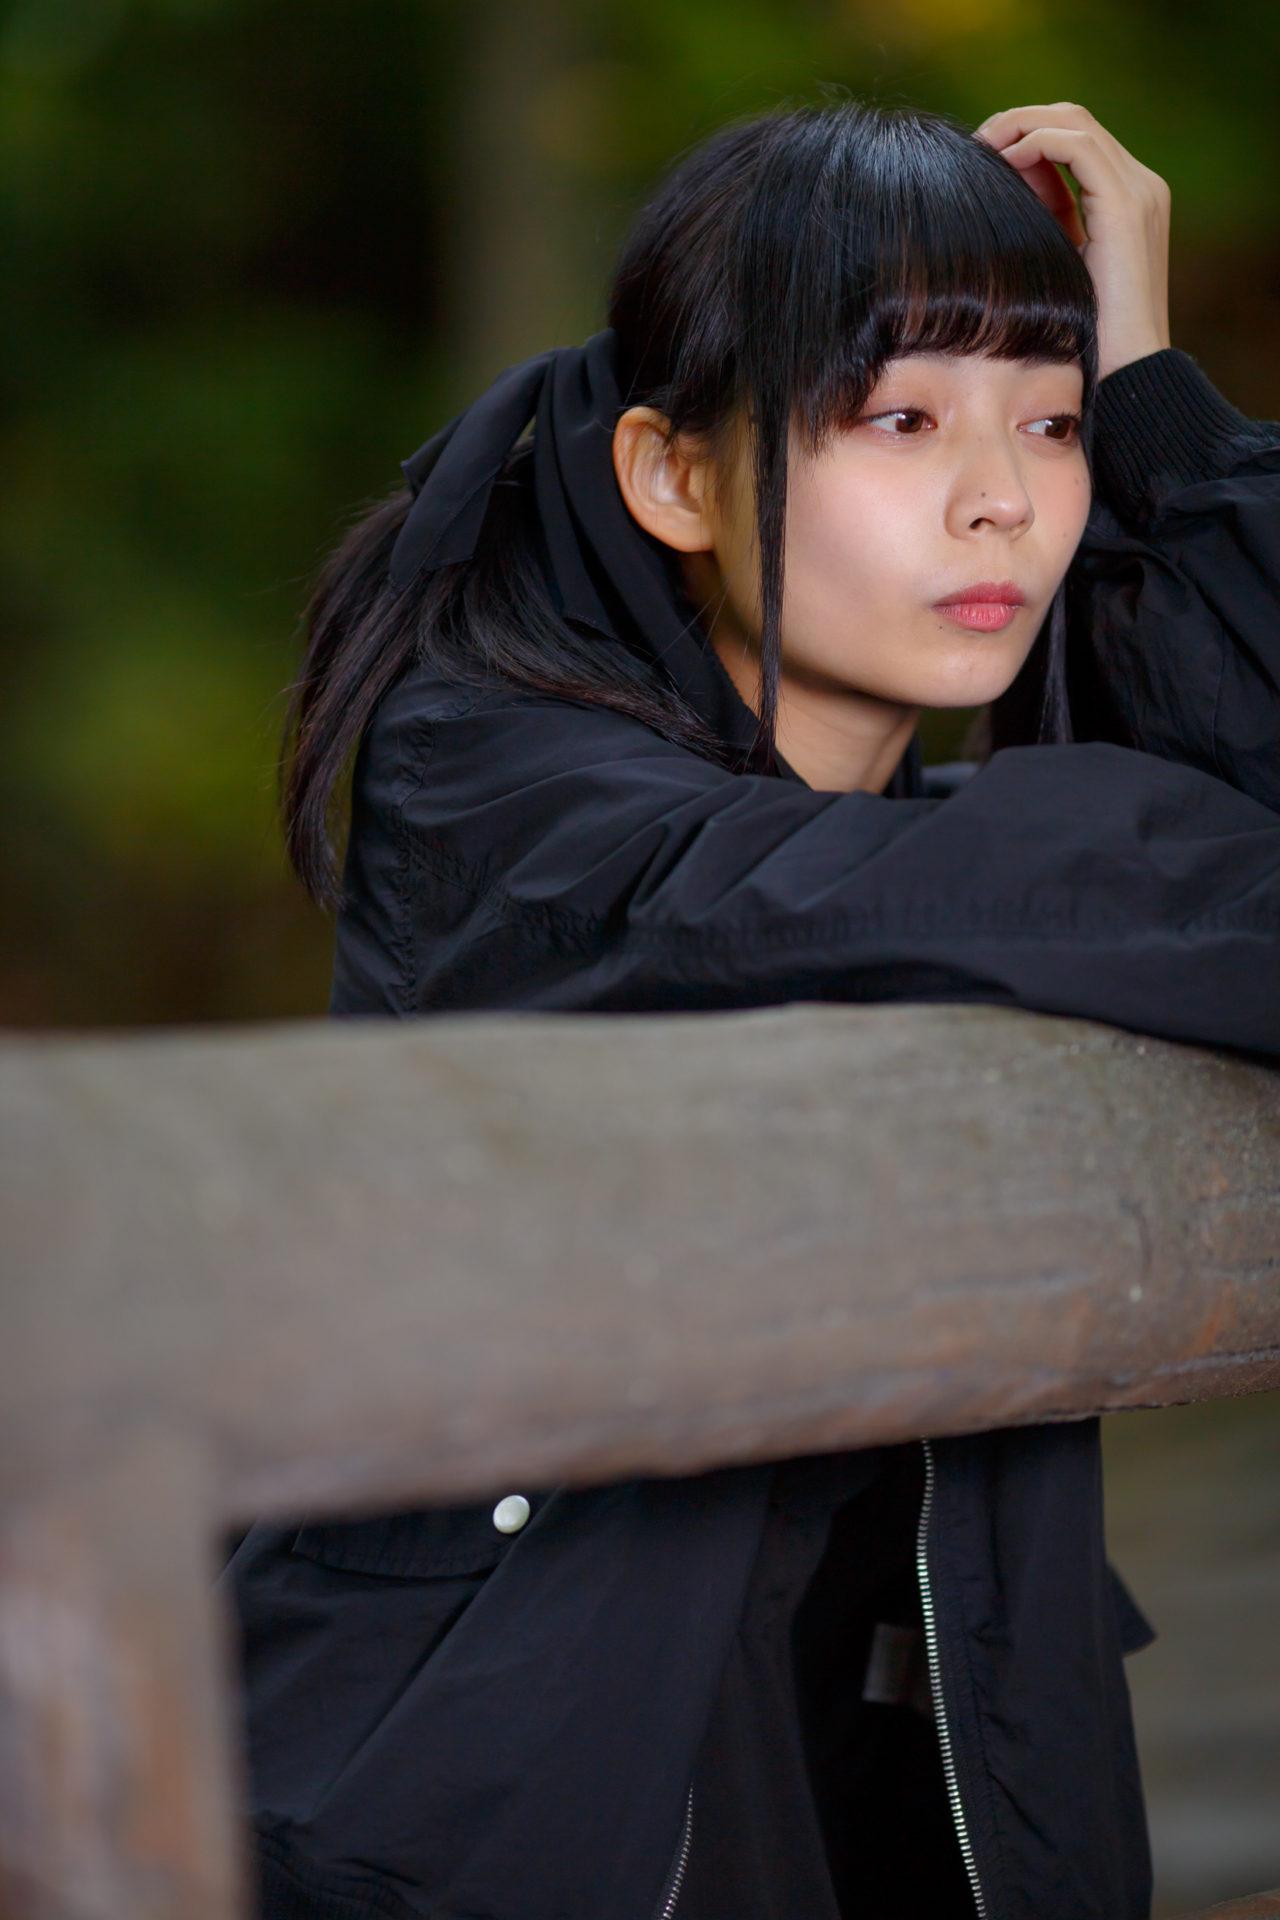 2代目HAPPY少女 - ゆいな ( 宮崎ゆいな )